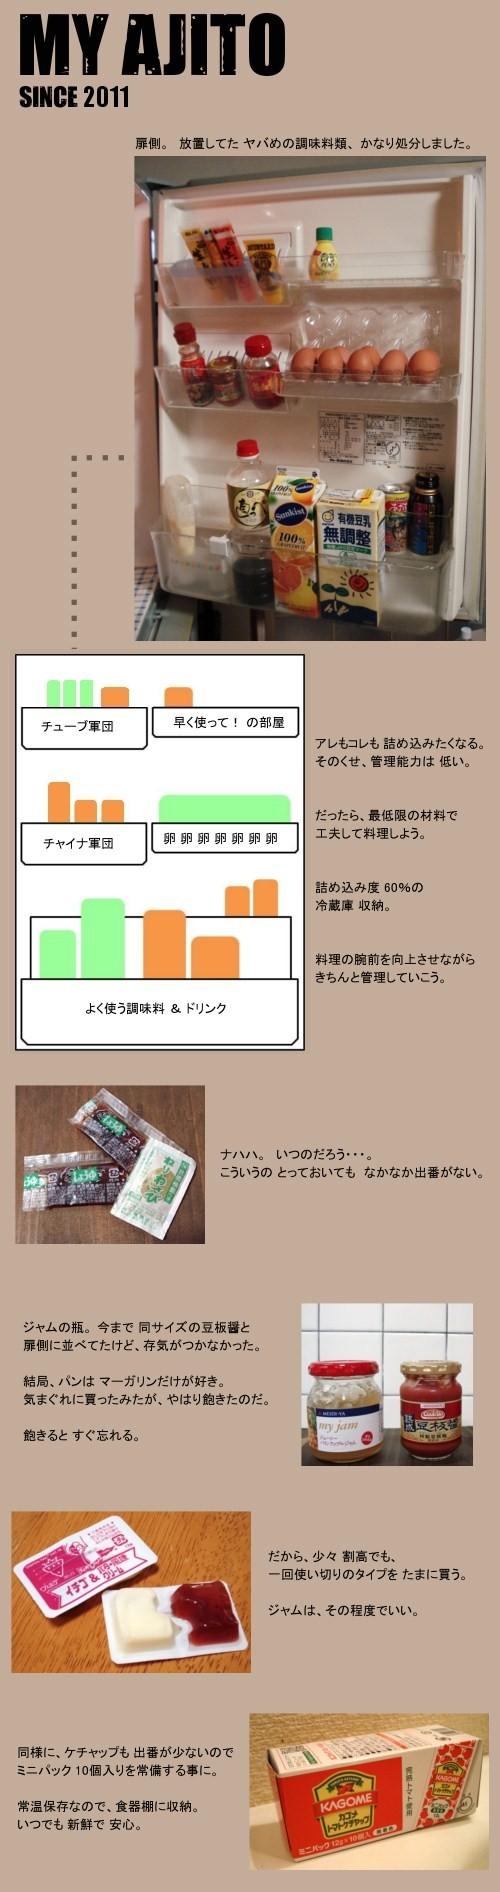 REI_04.jpg